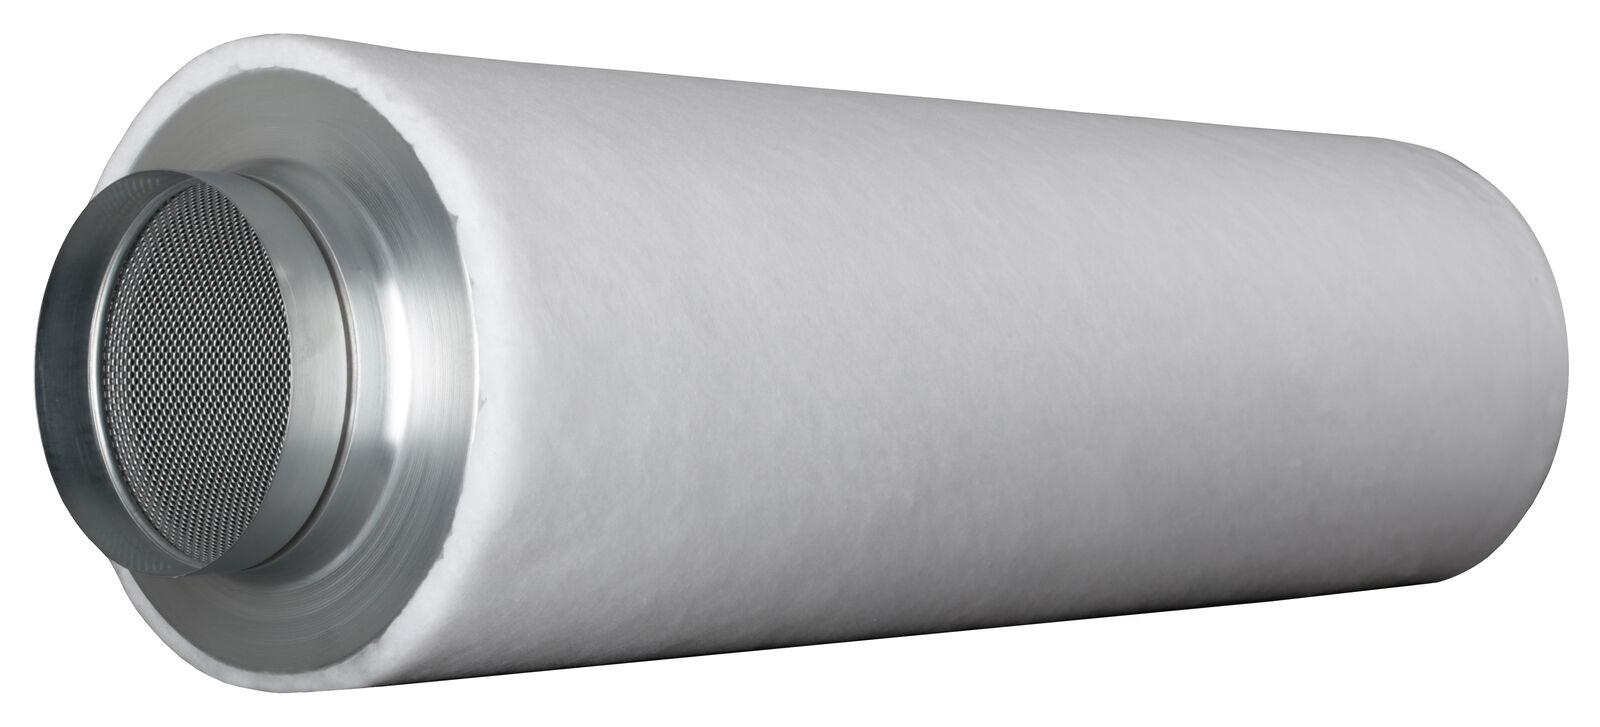 Prima clima Industry line filtro de Cochebón activado 480m3 720m3 160mm aire de salida aire AKF